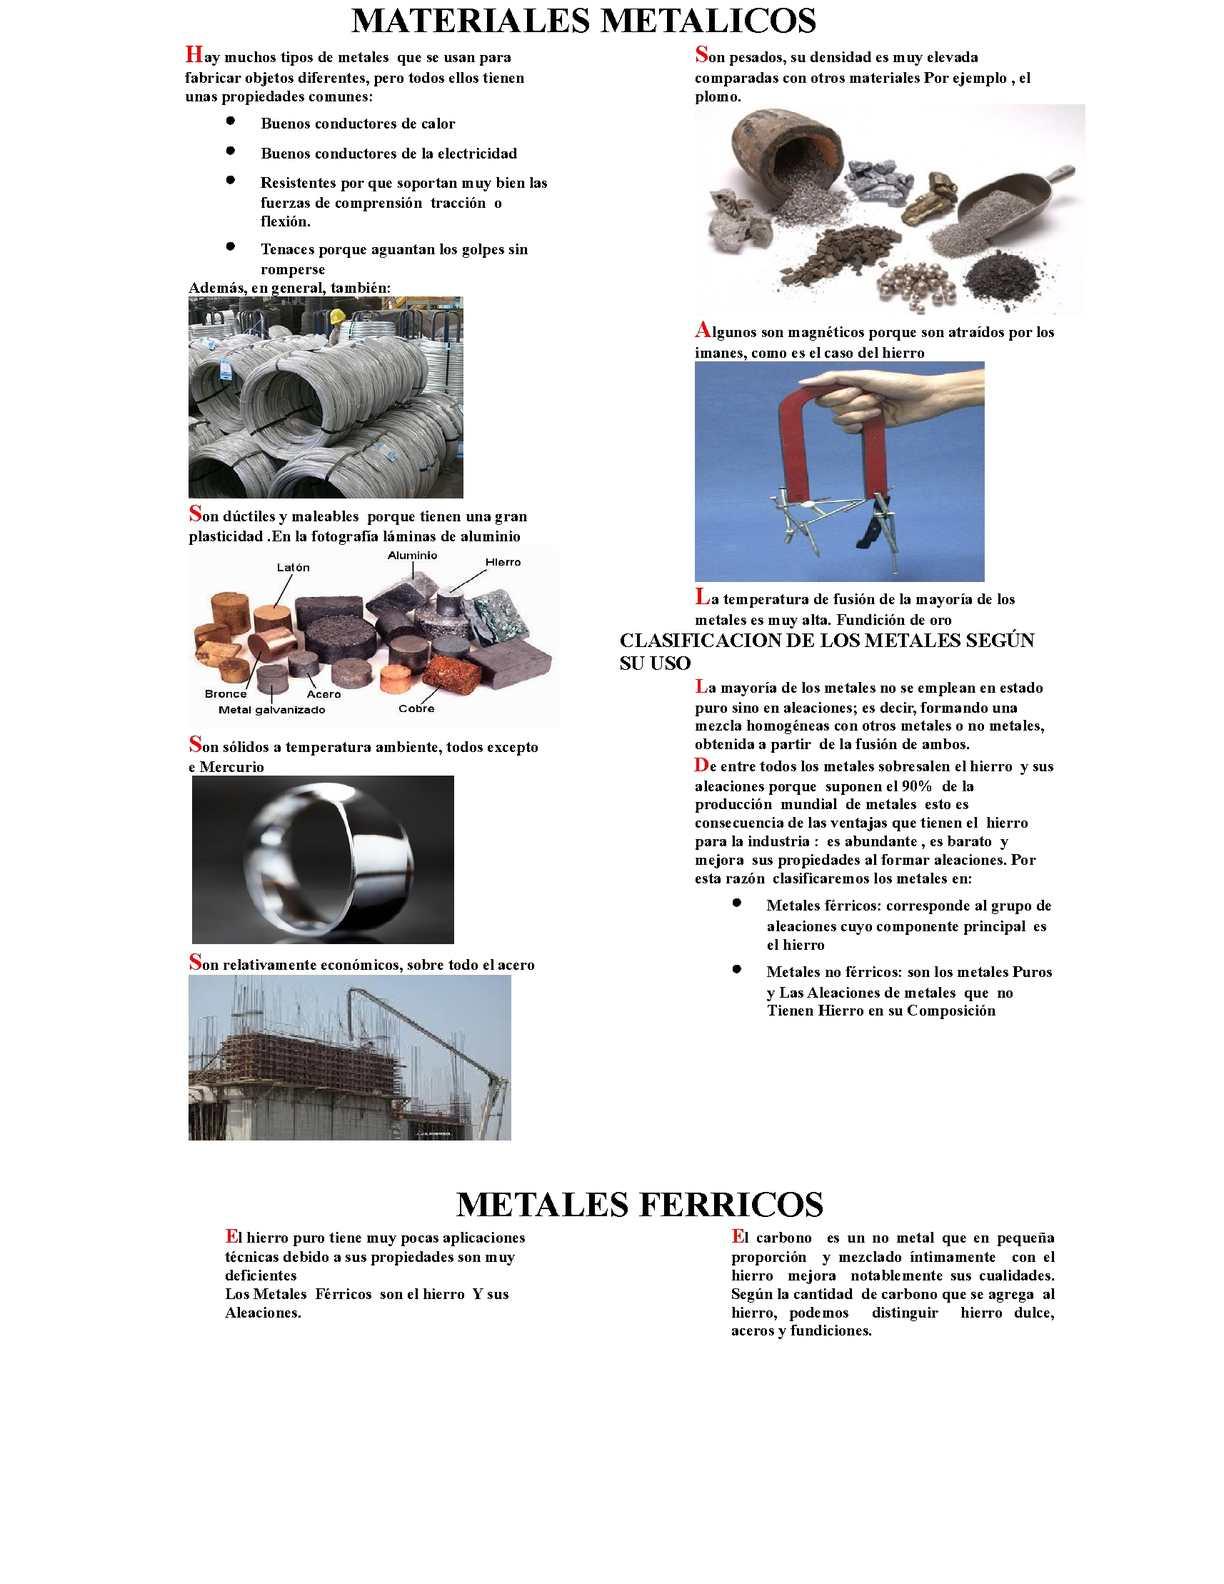 Calaméo - metales